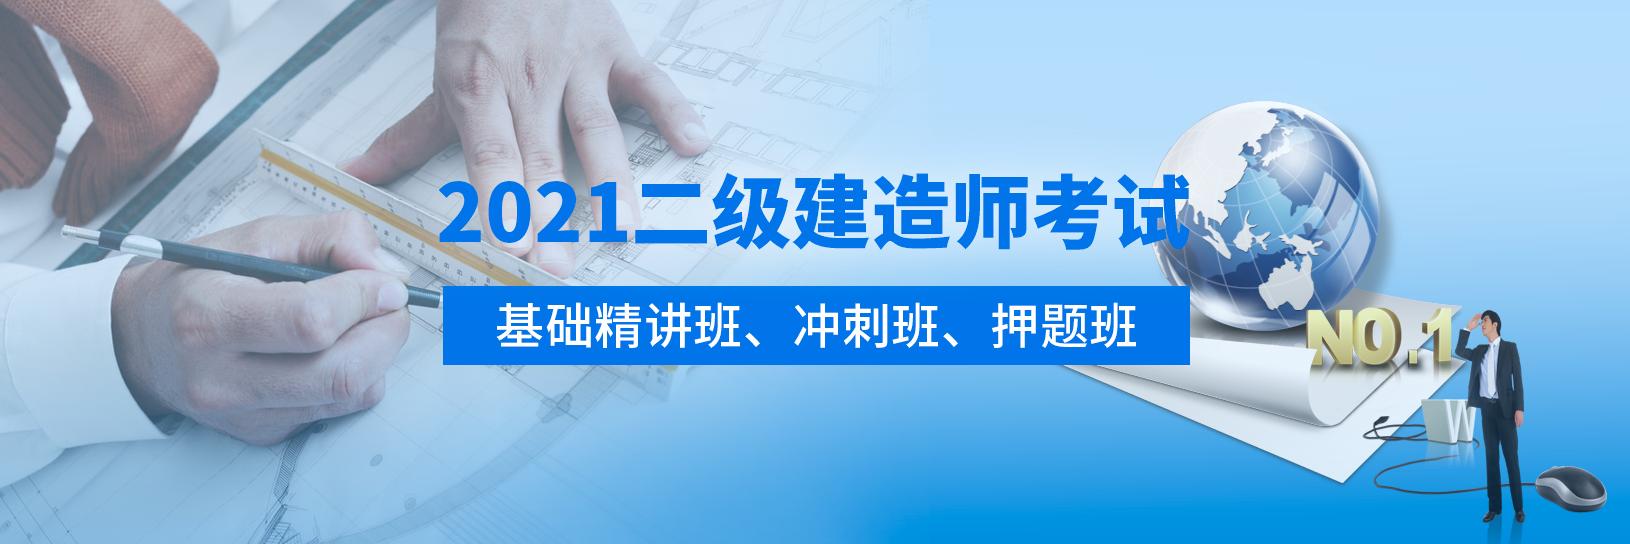 2021二級建造師考試資料大全(基礎精講班、沖刺班、押題班)